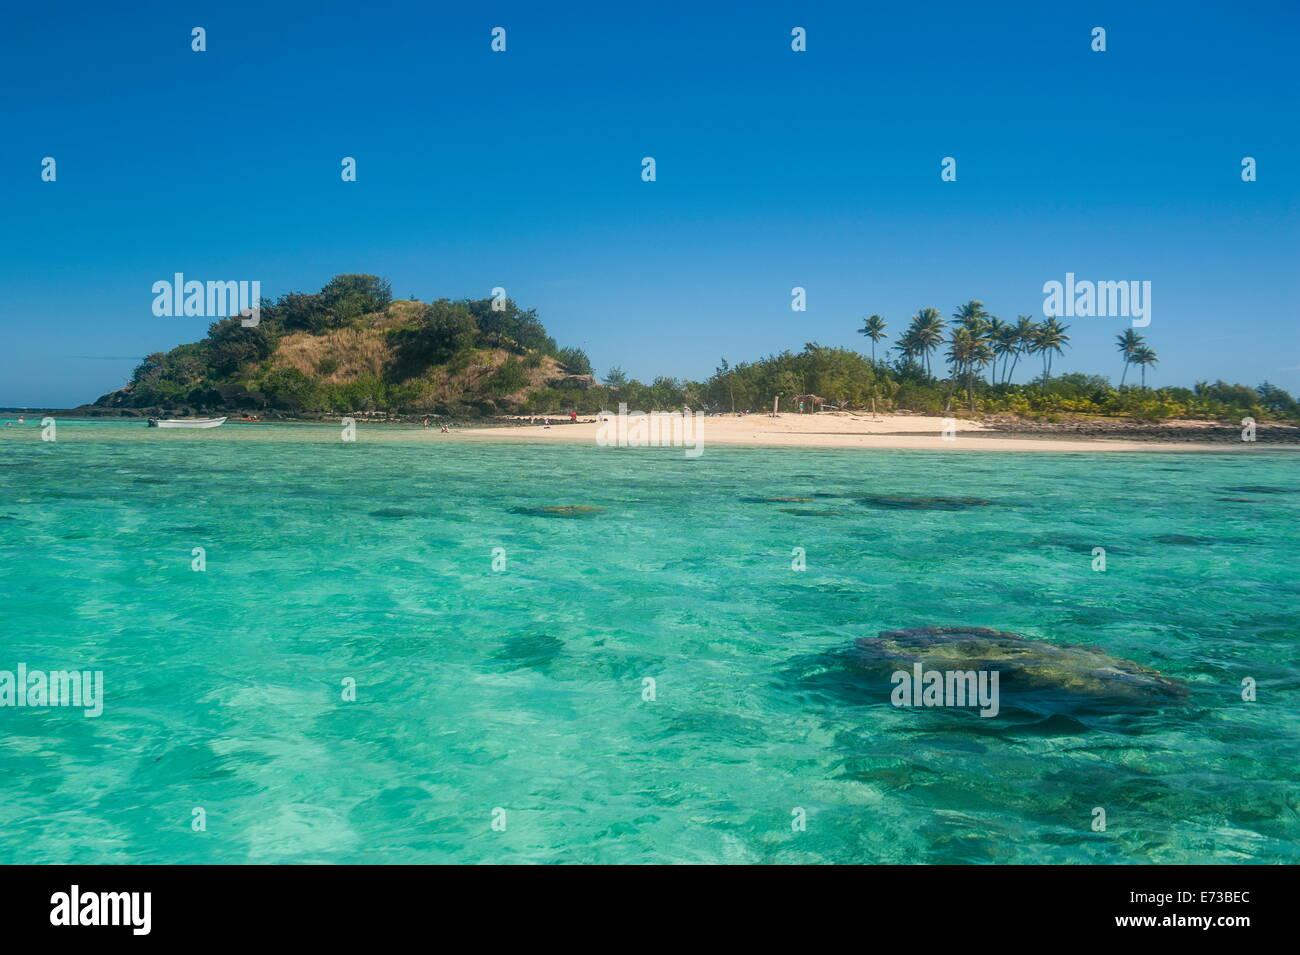 Das türkisfarbene Wasser der blauen Lagune, Yasawas, Fiji, Südsee, Pazifik Stockbild